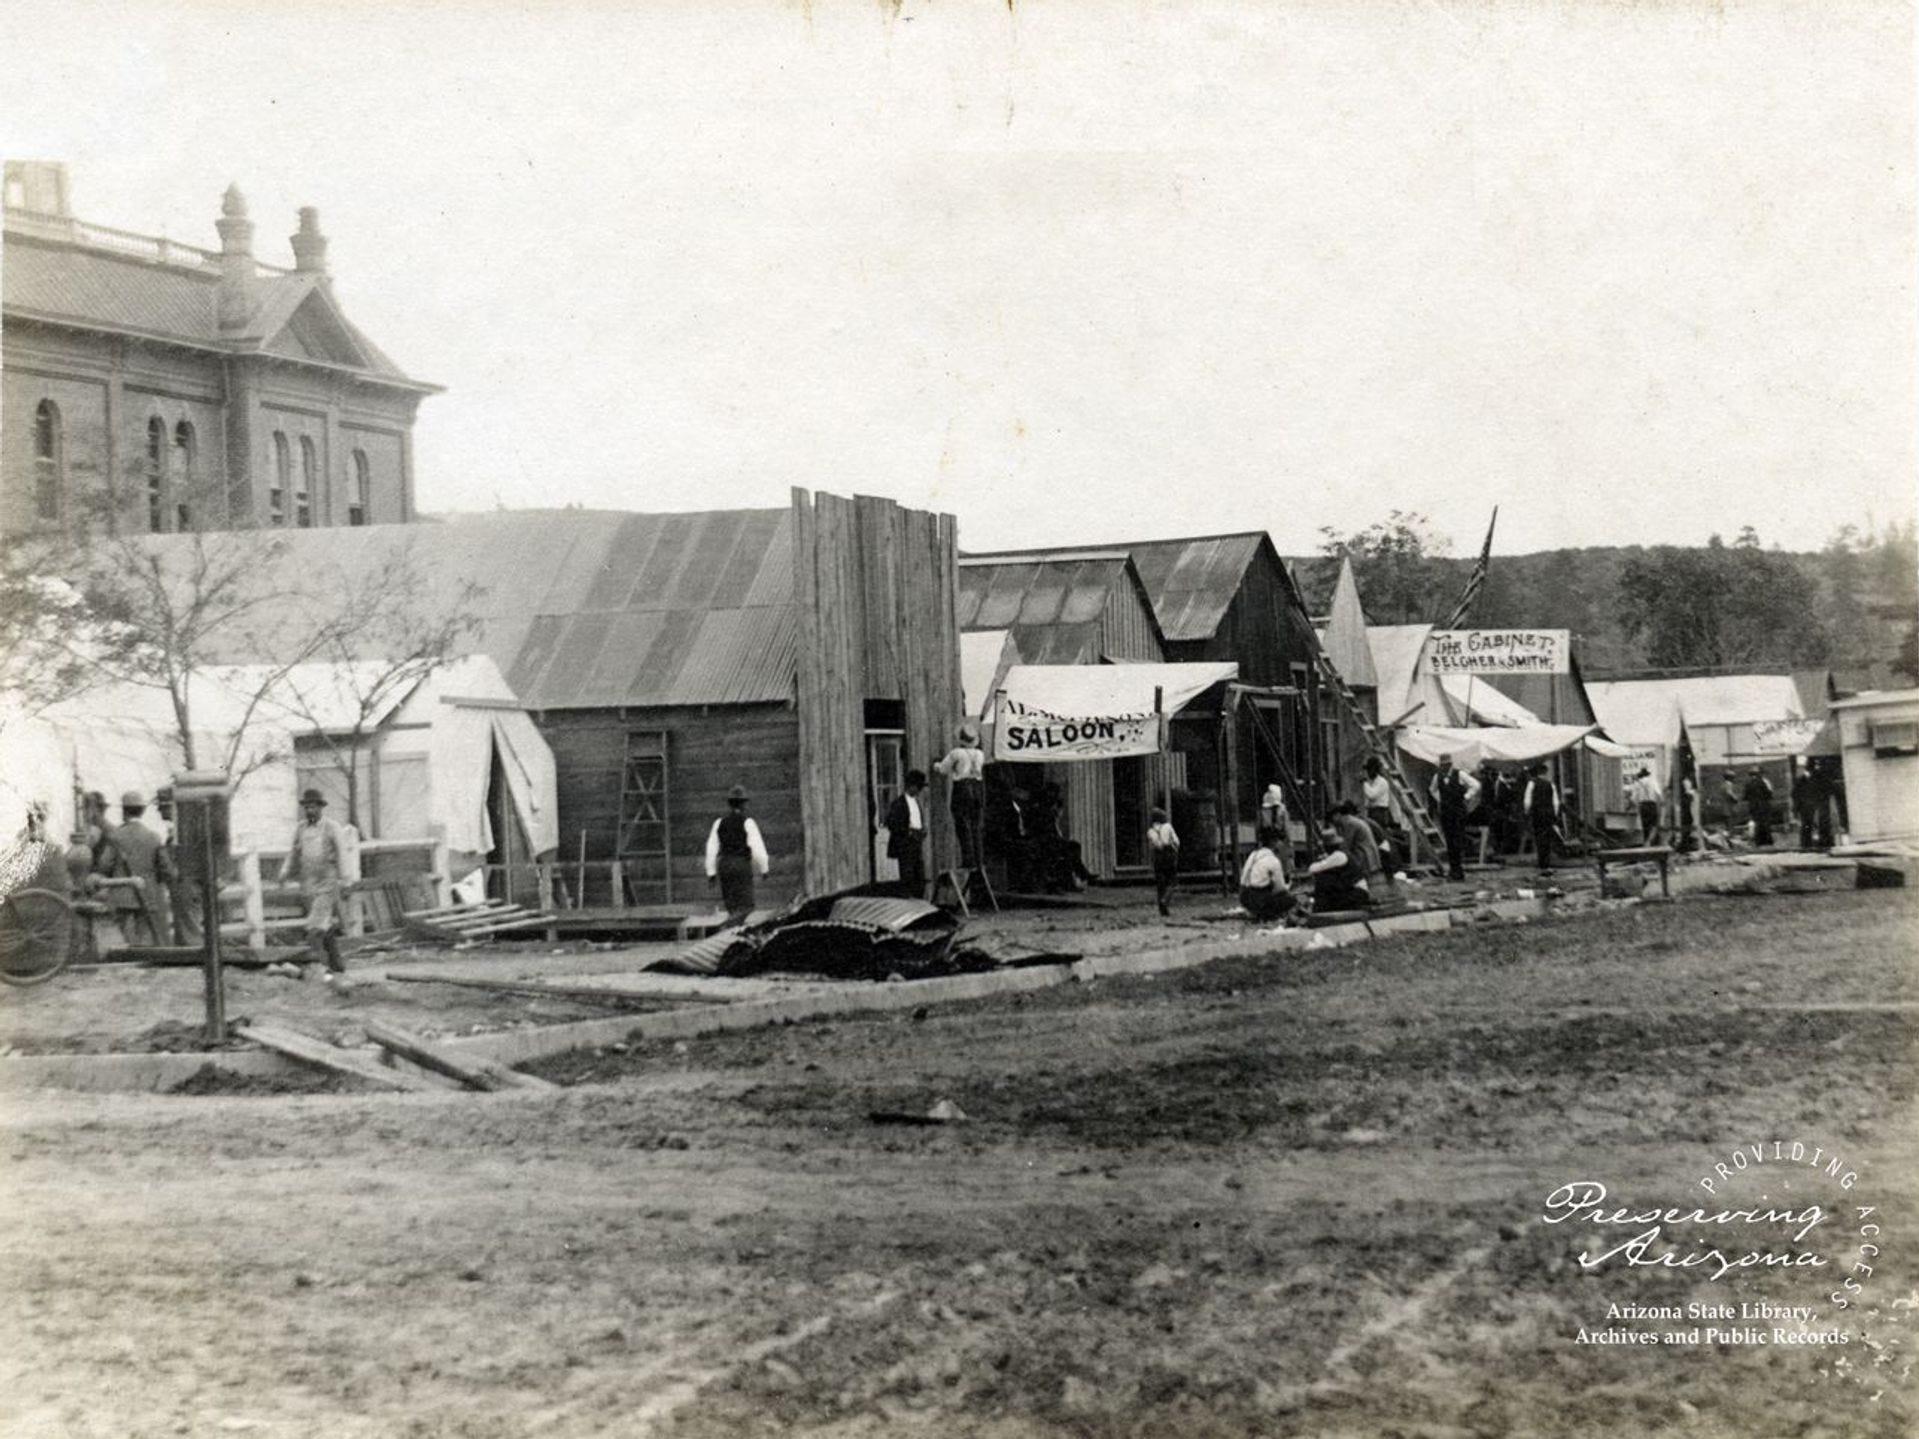 Salones y otros negocios destruidos por el incendio de Prescott en 1900 abrieron tiendas temporales en Courthouse Square.